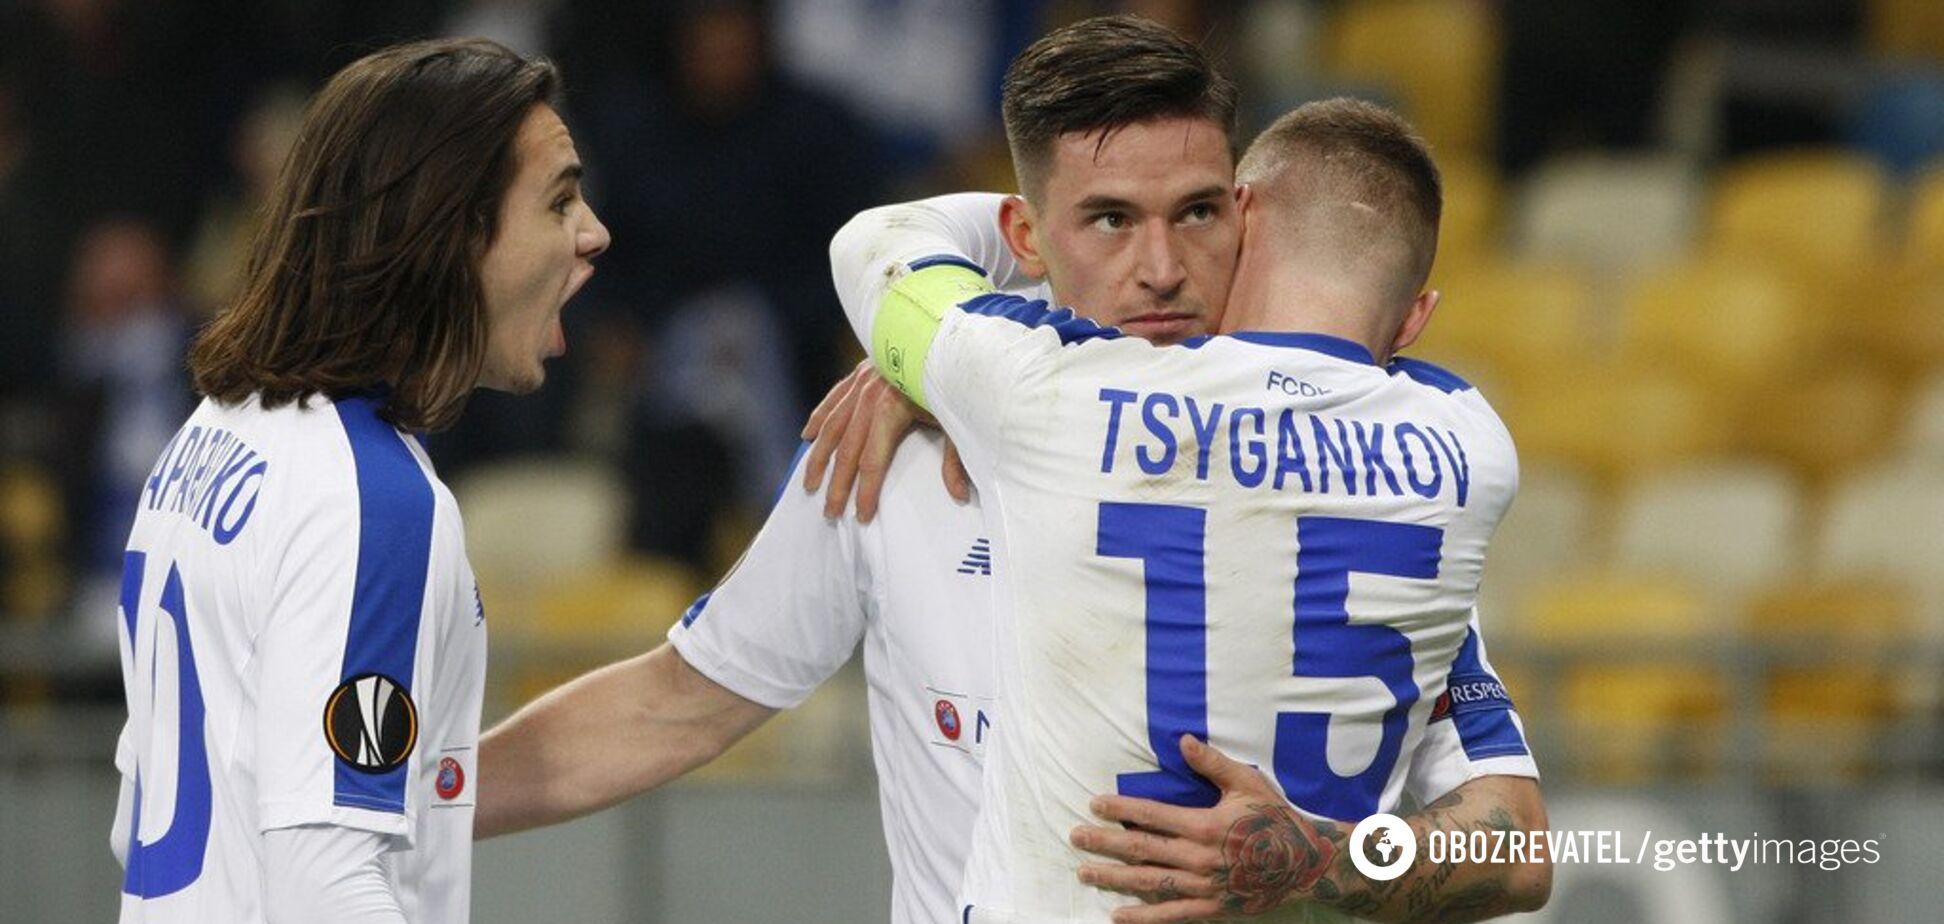 'Динамо' и 'Шахтер' возвращаются в Лигу Европы: чего ожидать